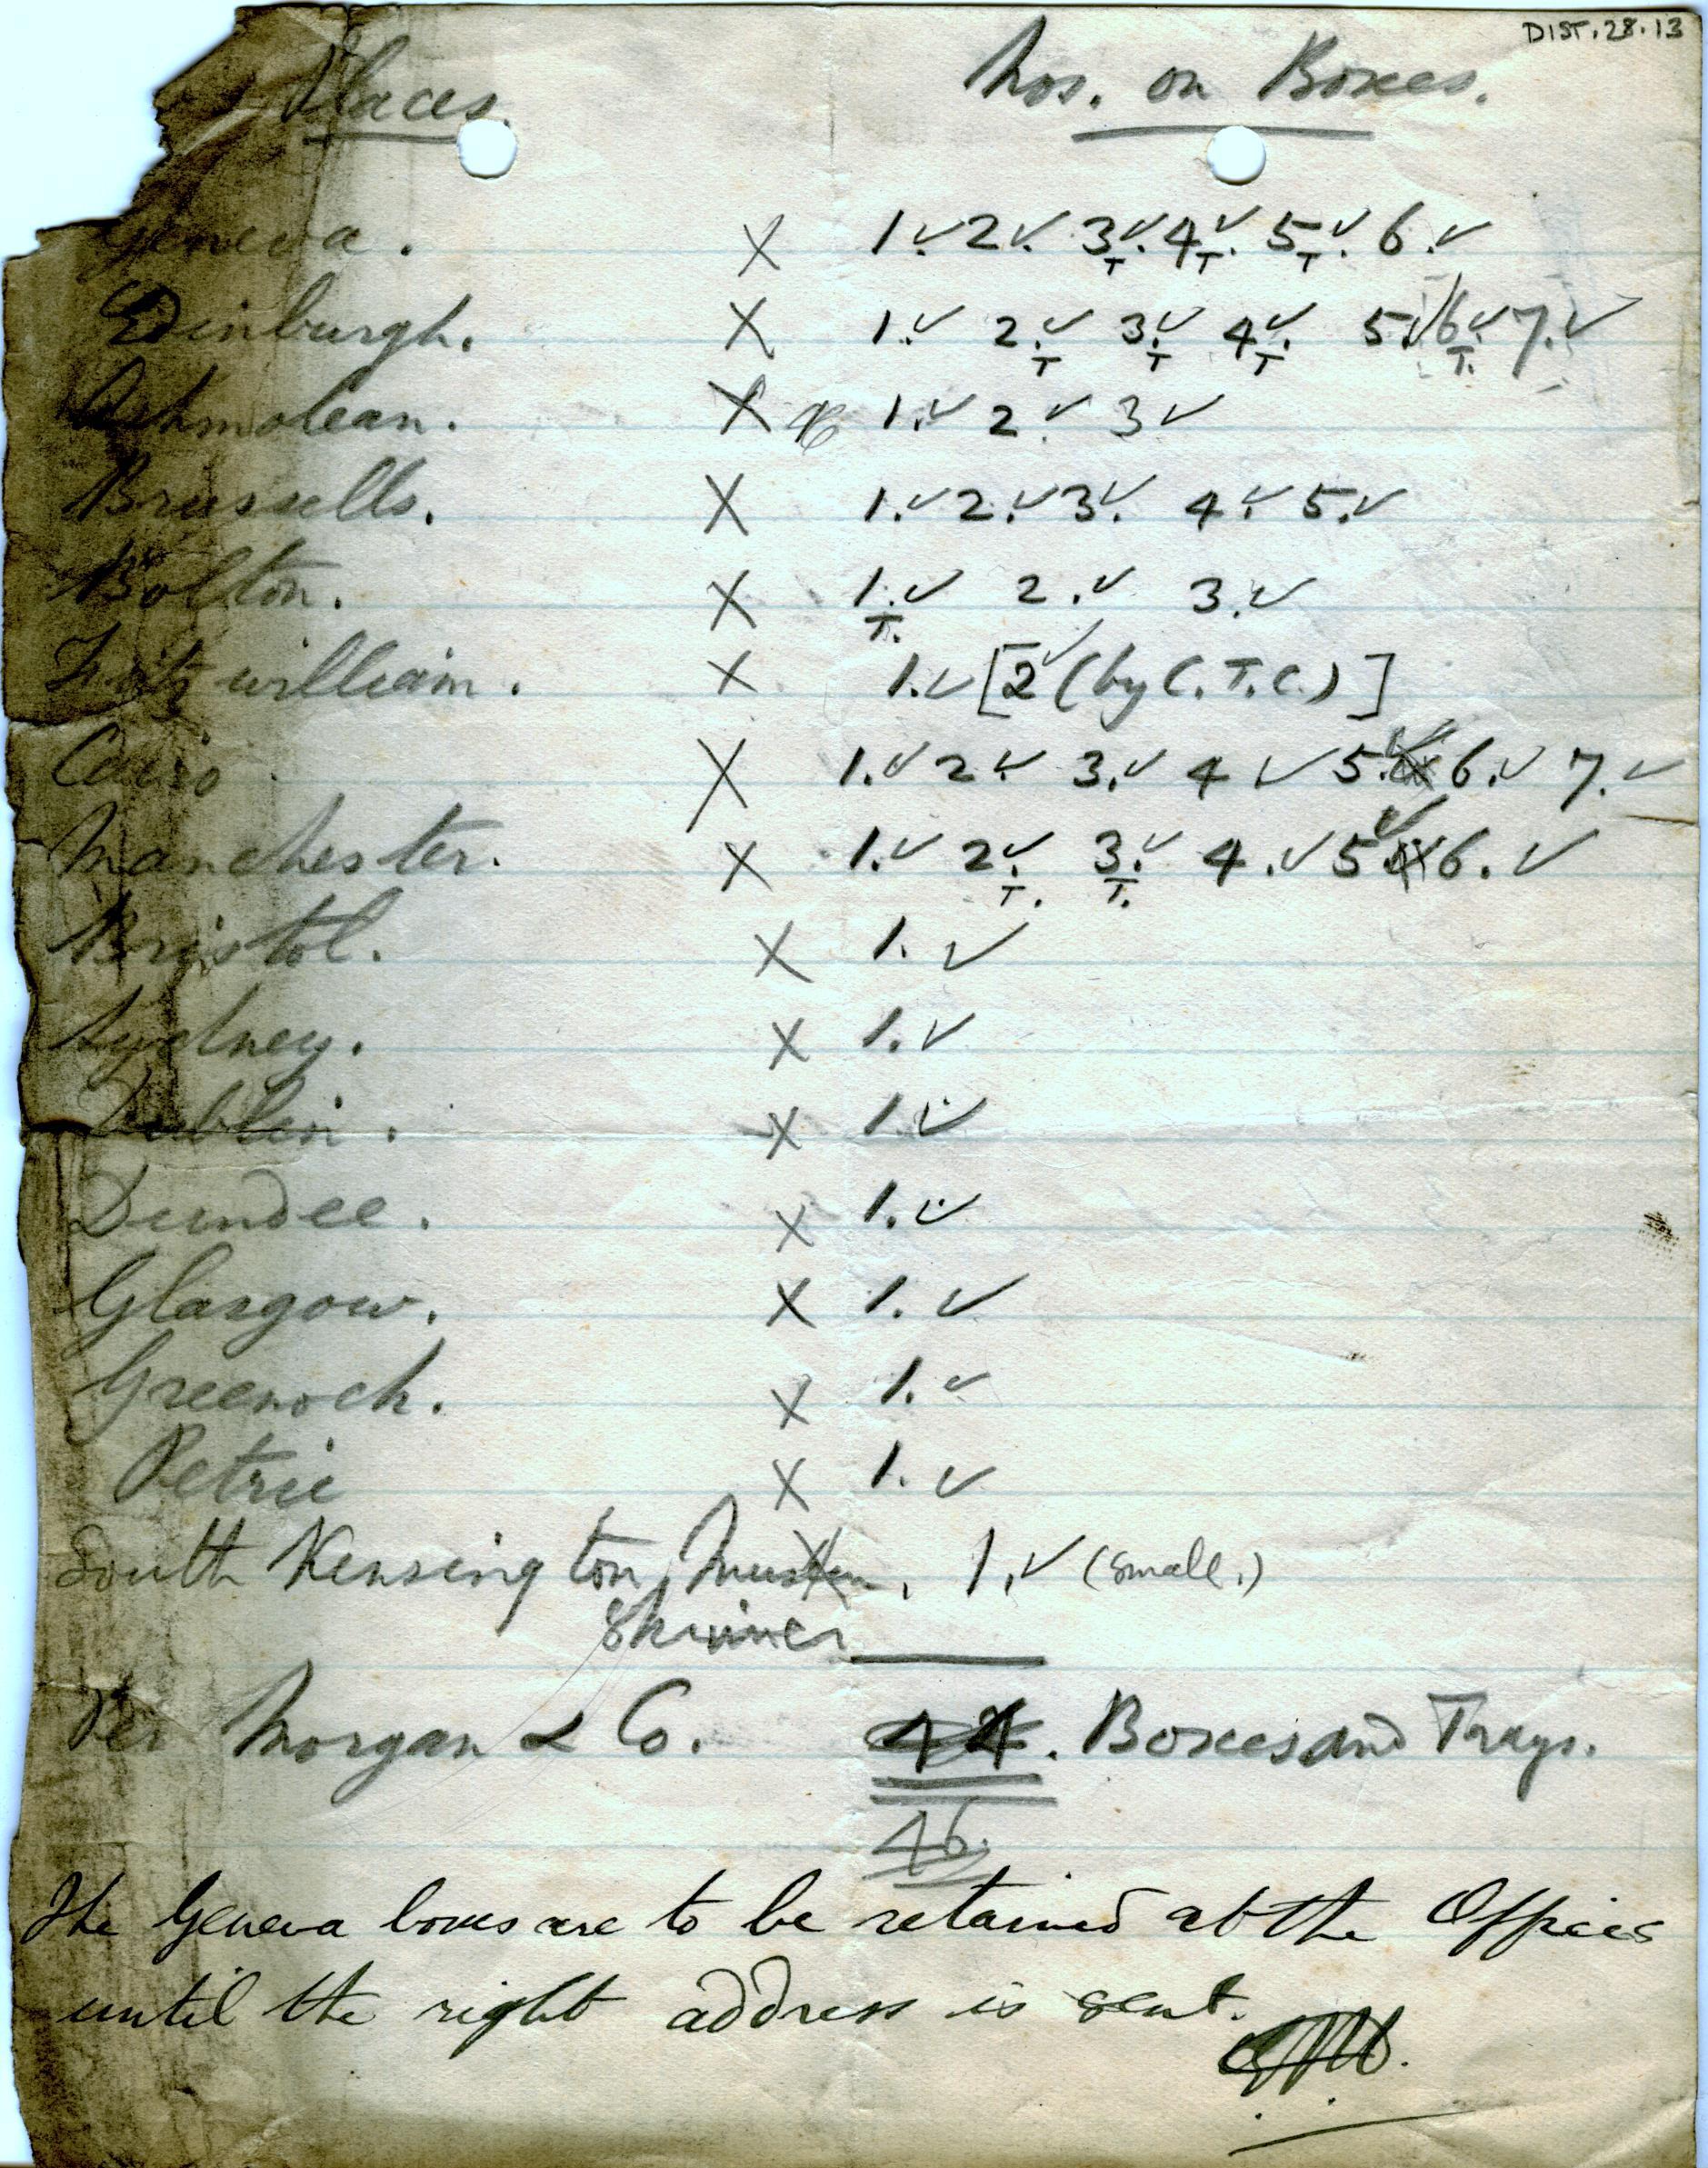 1906-07 Deir el-Bahri, Oxyrhynchus, Ihnasya DIST.28.13a